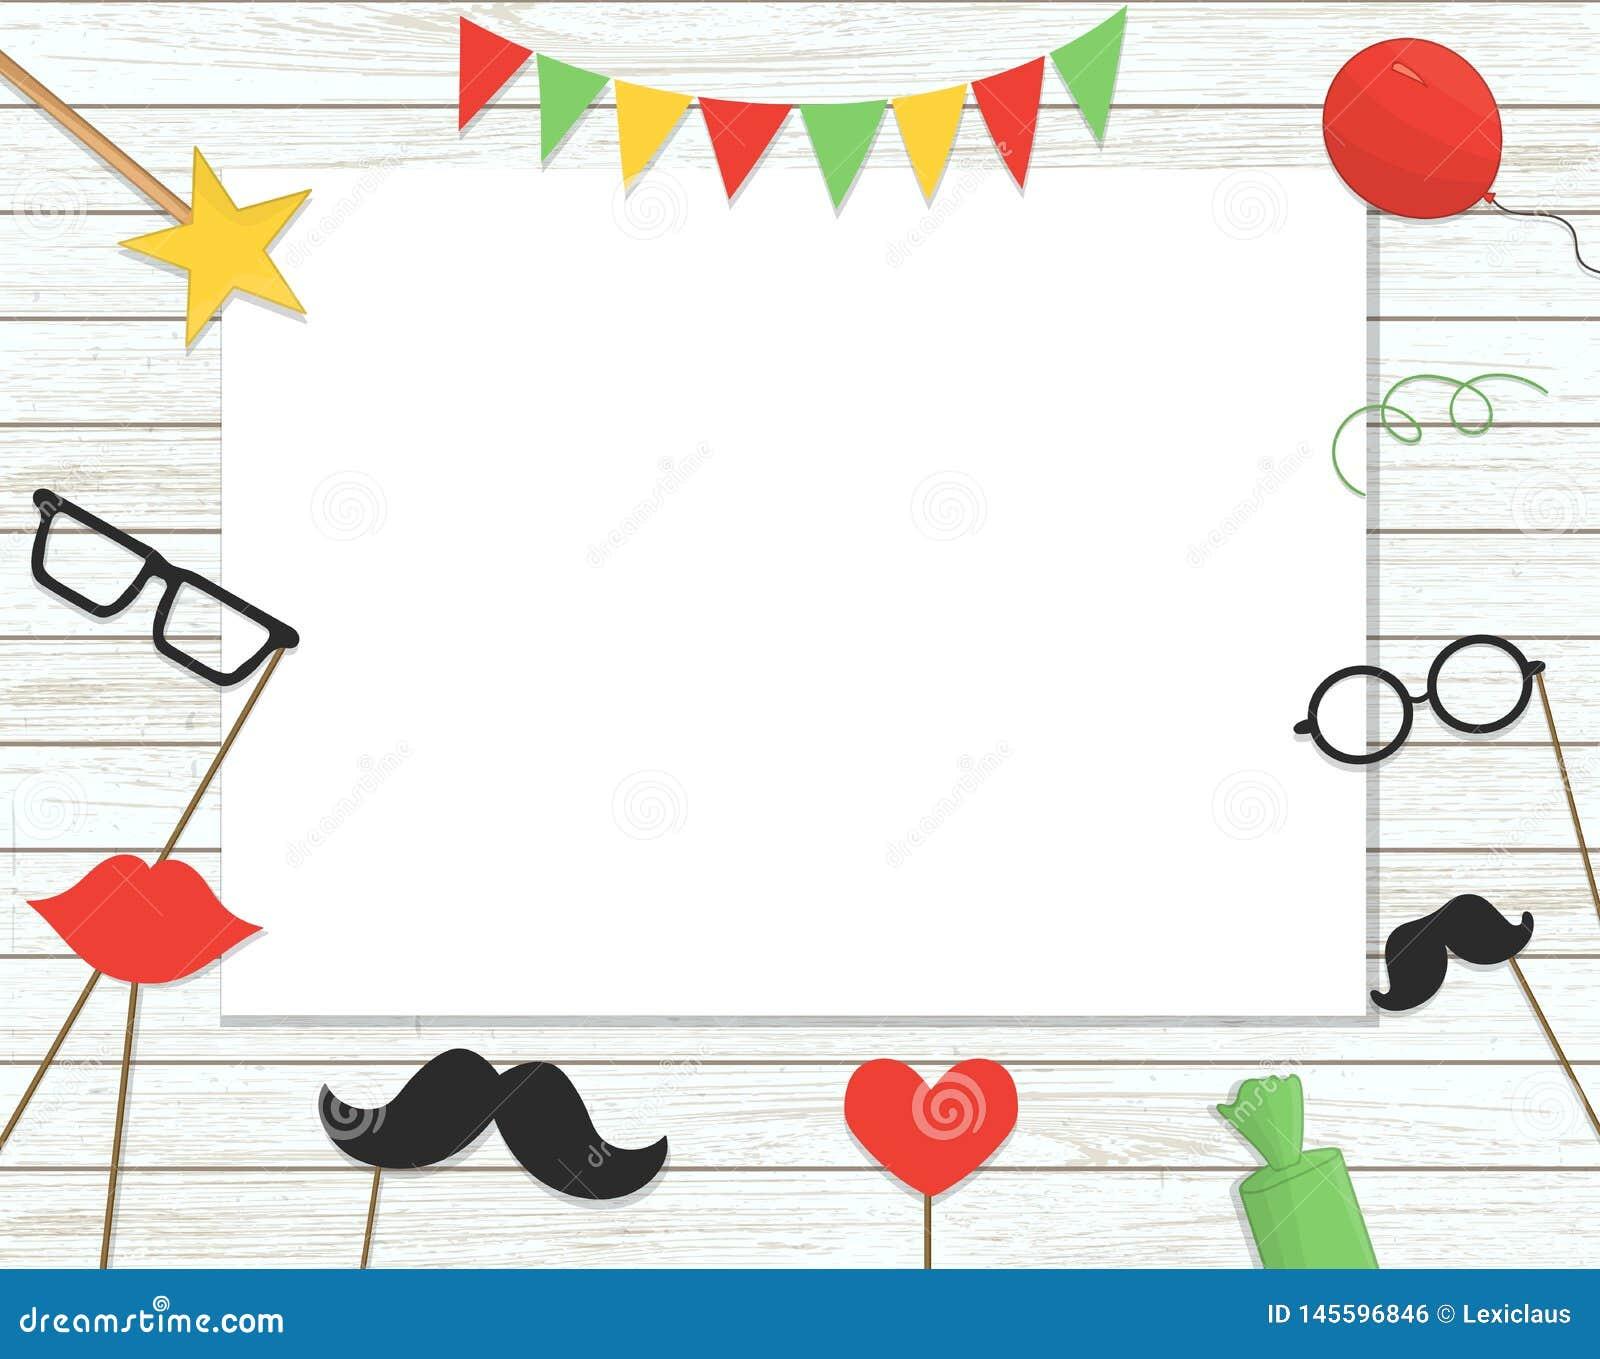 Иллюстрация вектора упорок на ручке, воздушных шаров будочки фото, confetti, настоящих моментов, конфет на затрапезной деревянной